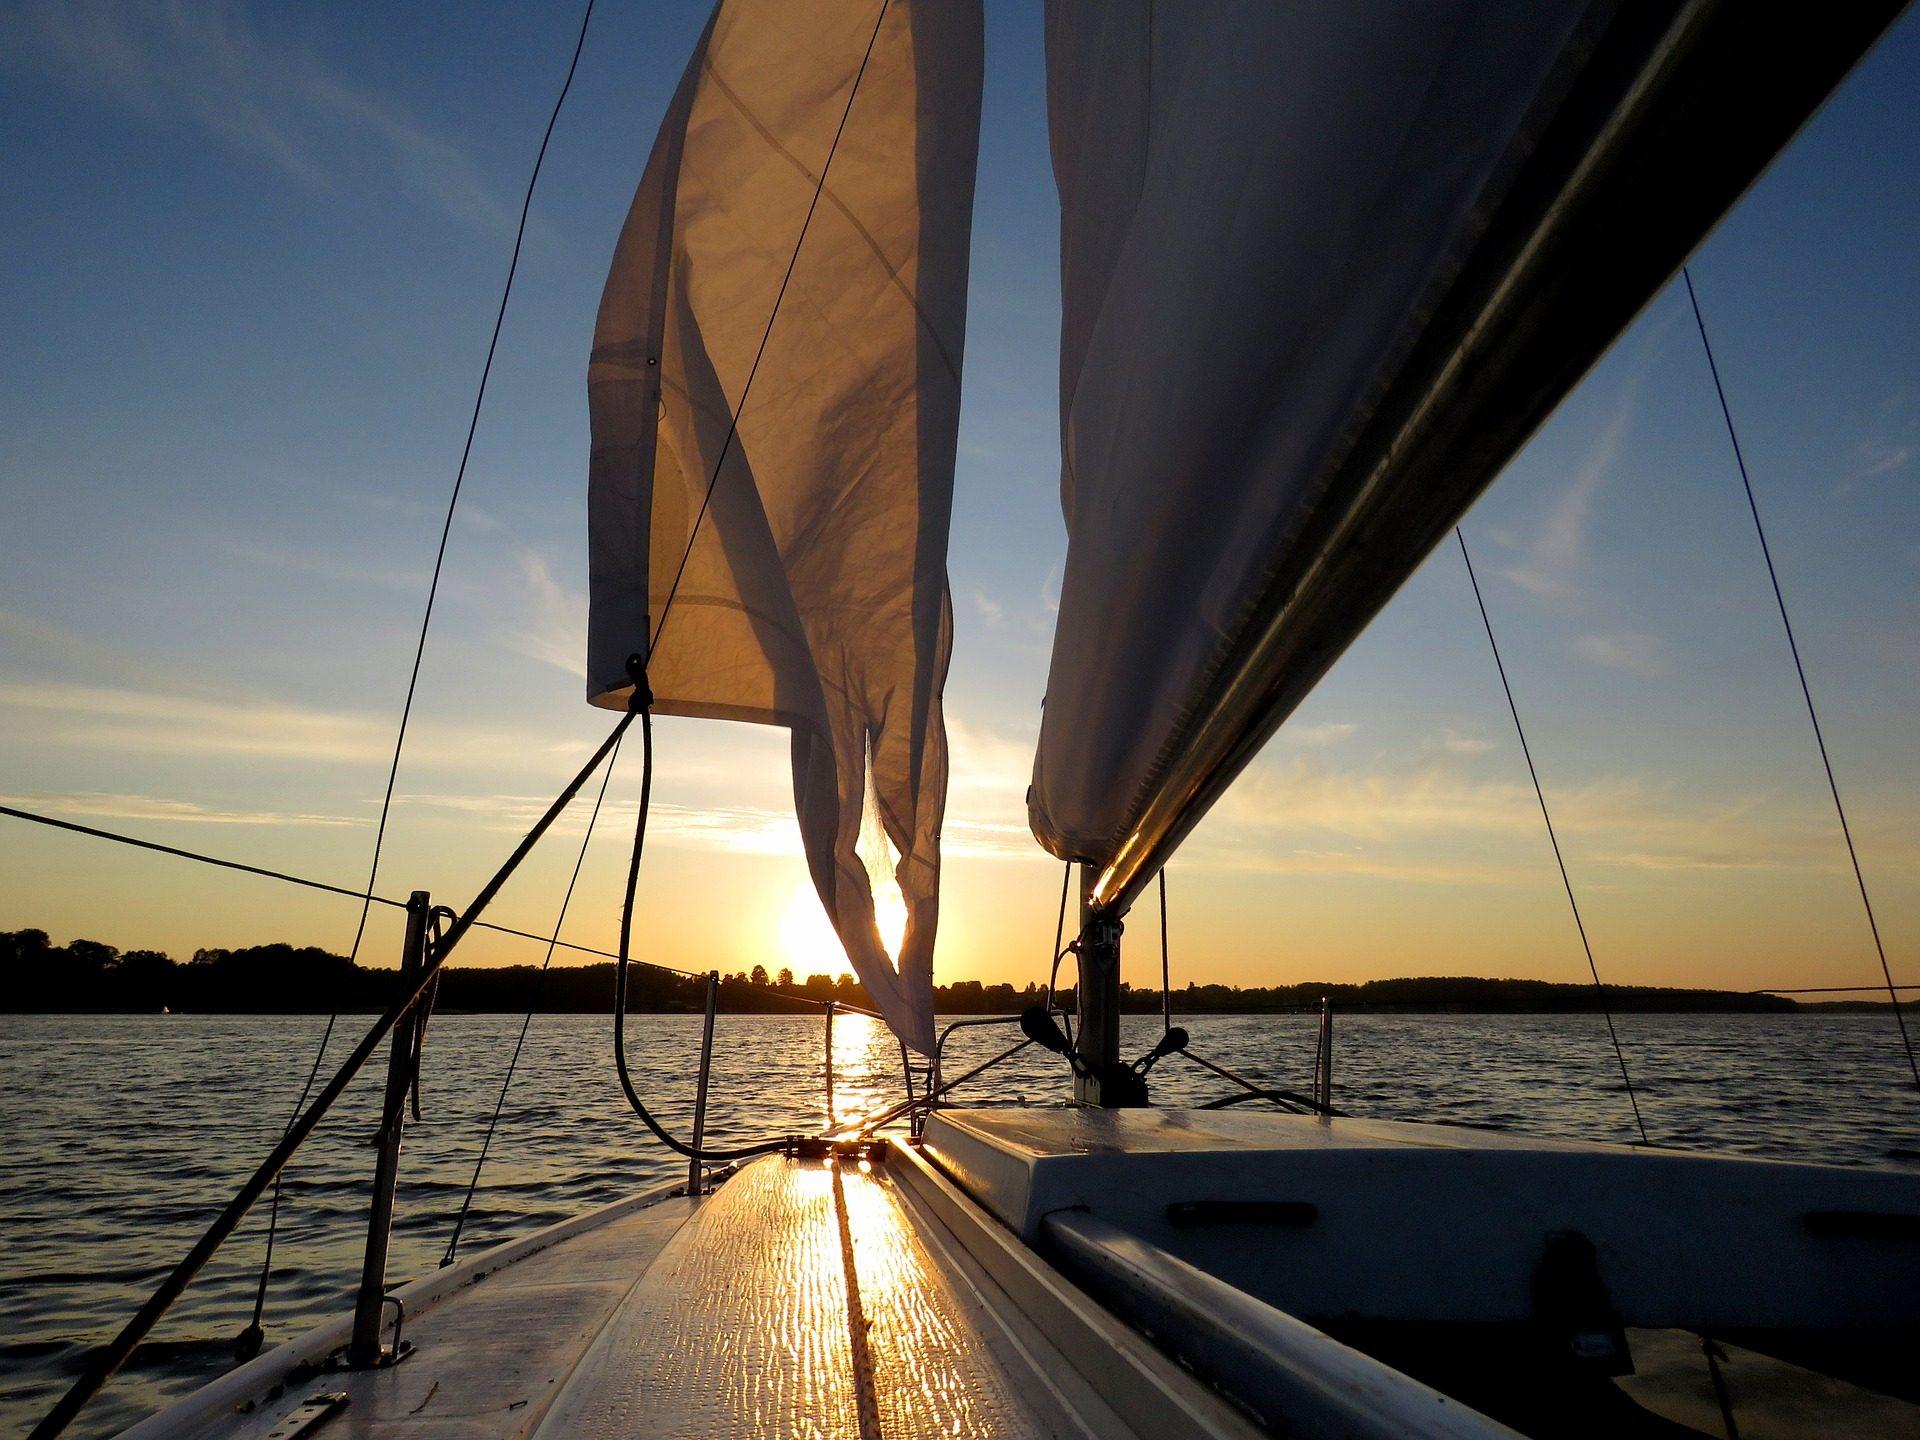 ボート, キャンドル, [参照], mar, 海, 太陽, 地平線 - HD の壁紙 - 教授-falken.com